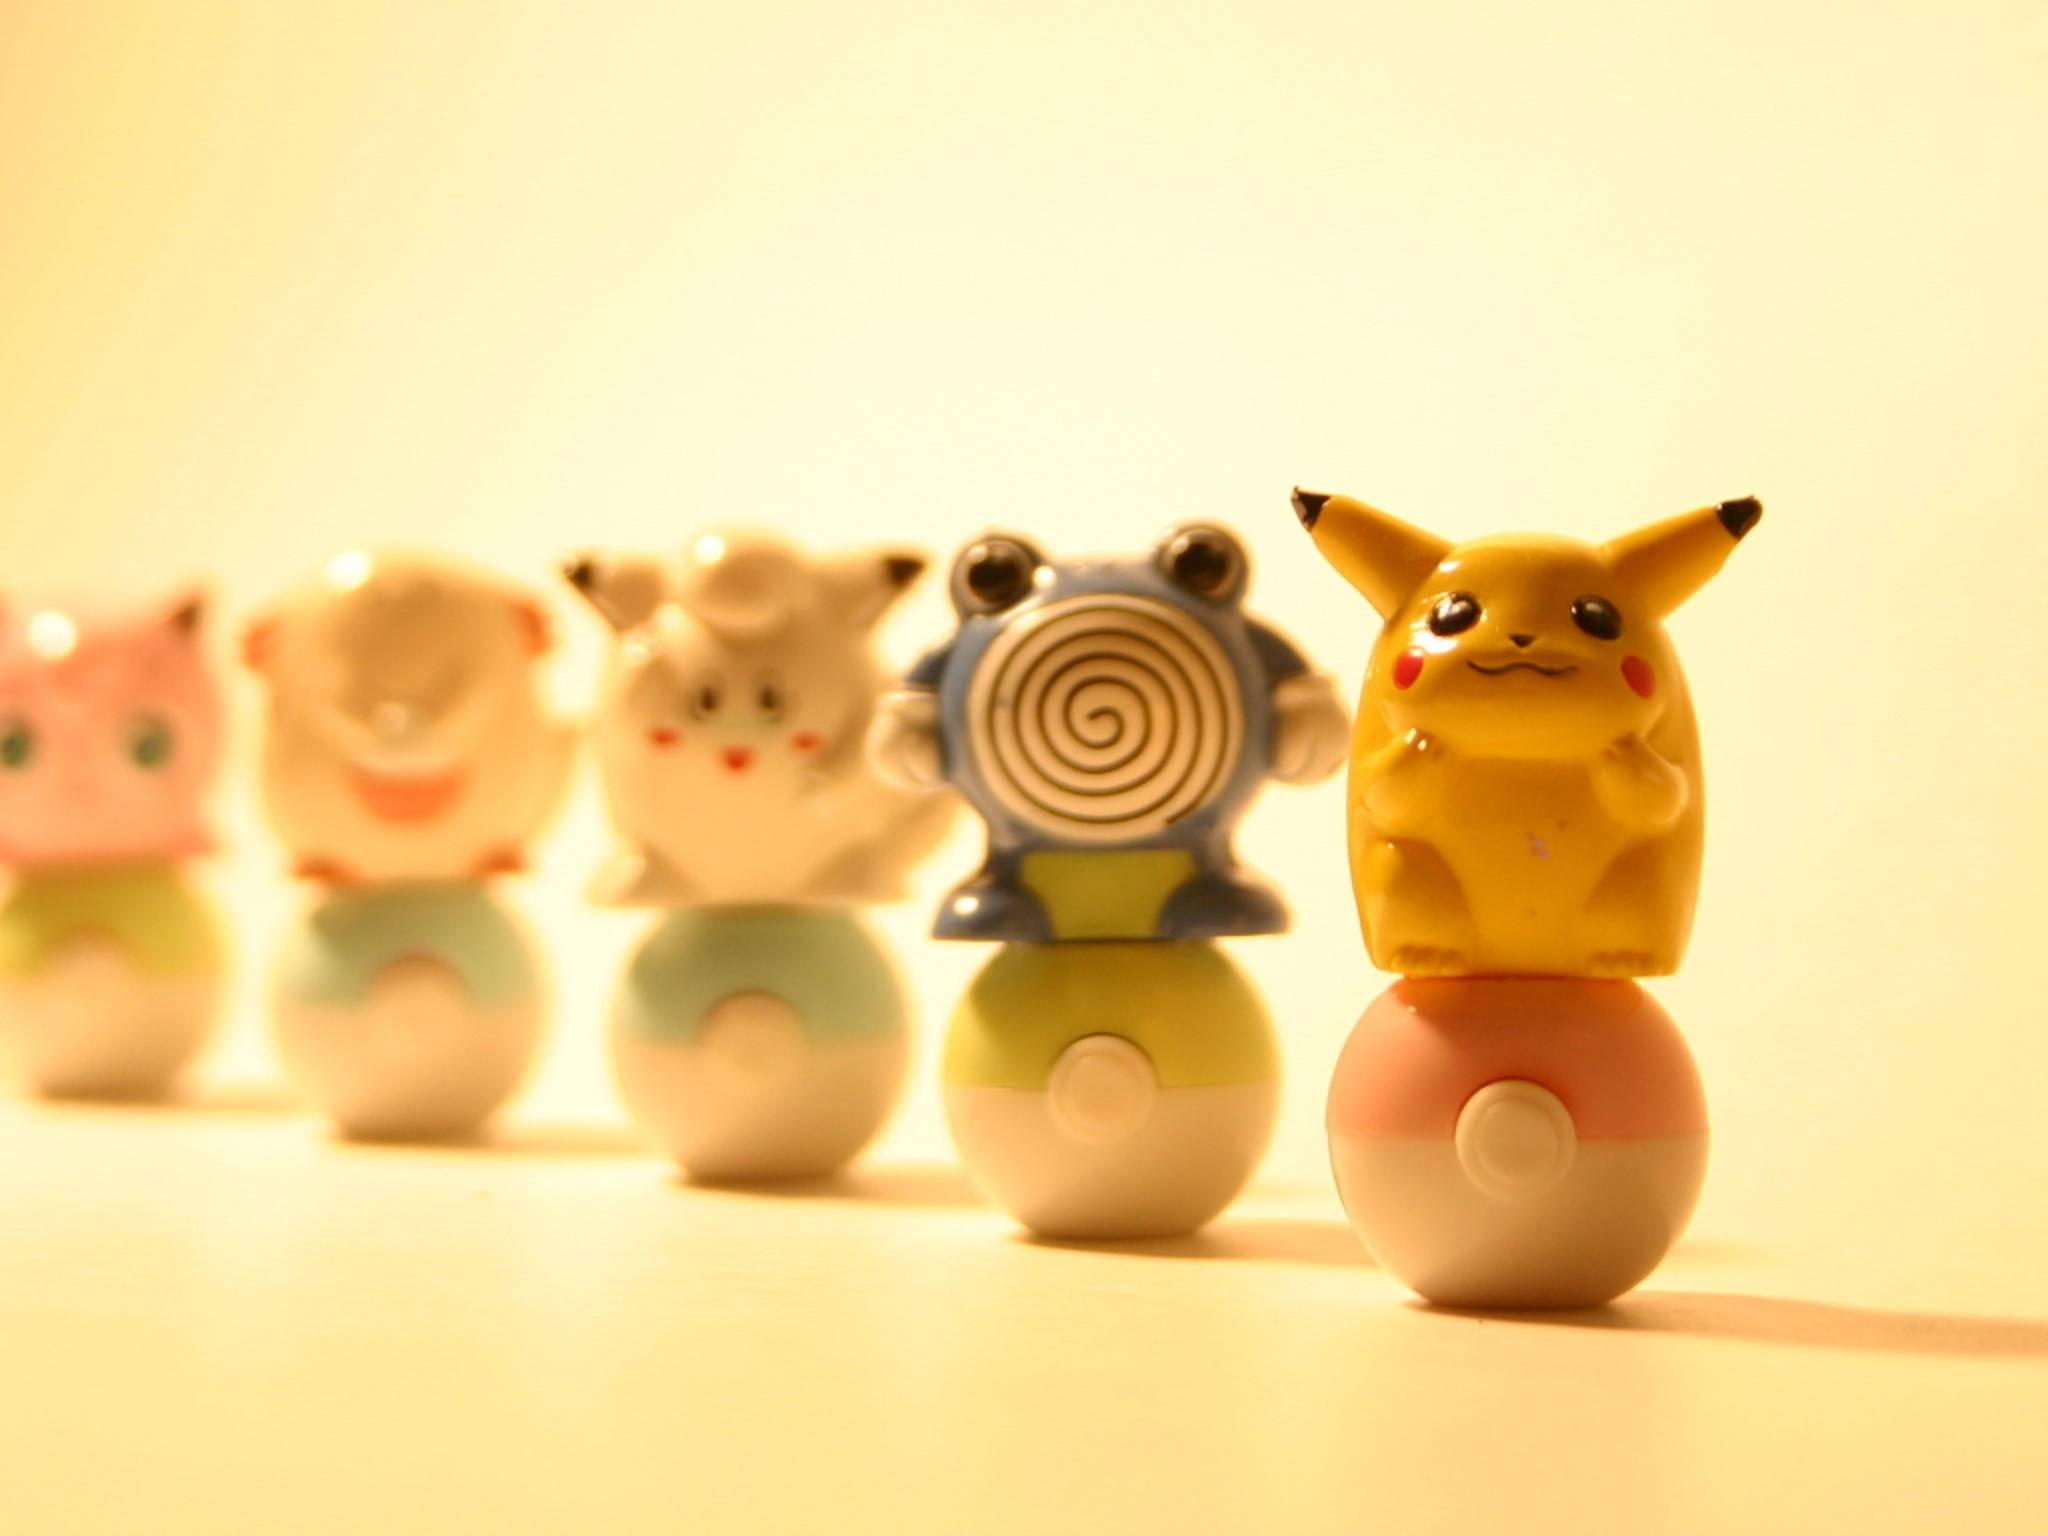 Manche Pokémon lassen sich leichter entwickeln als andere.